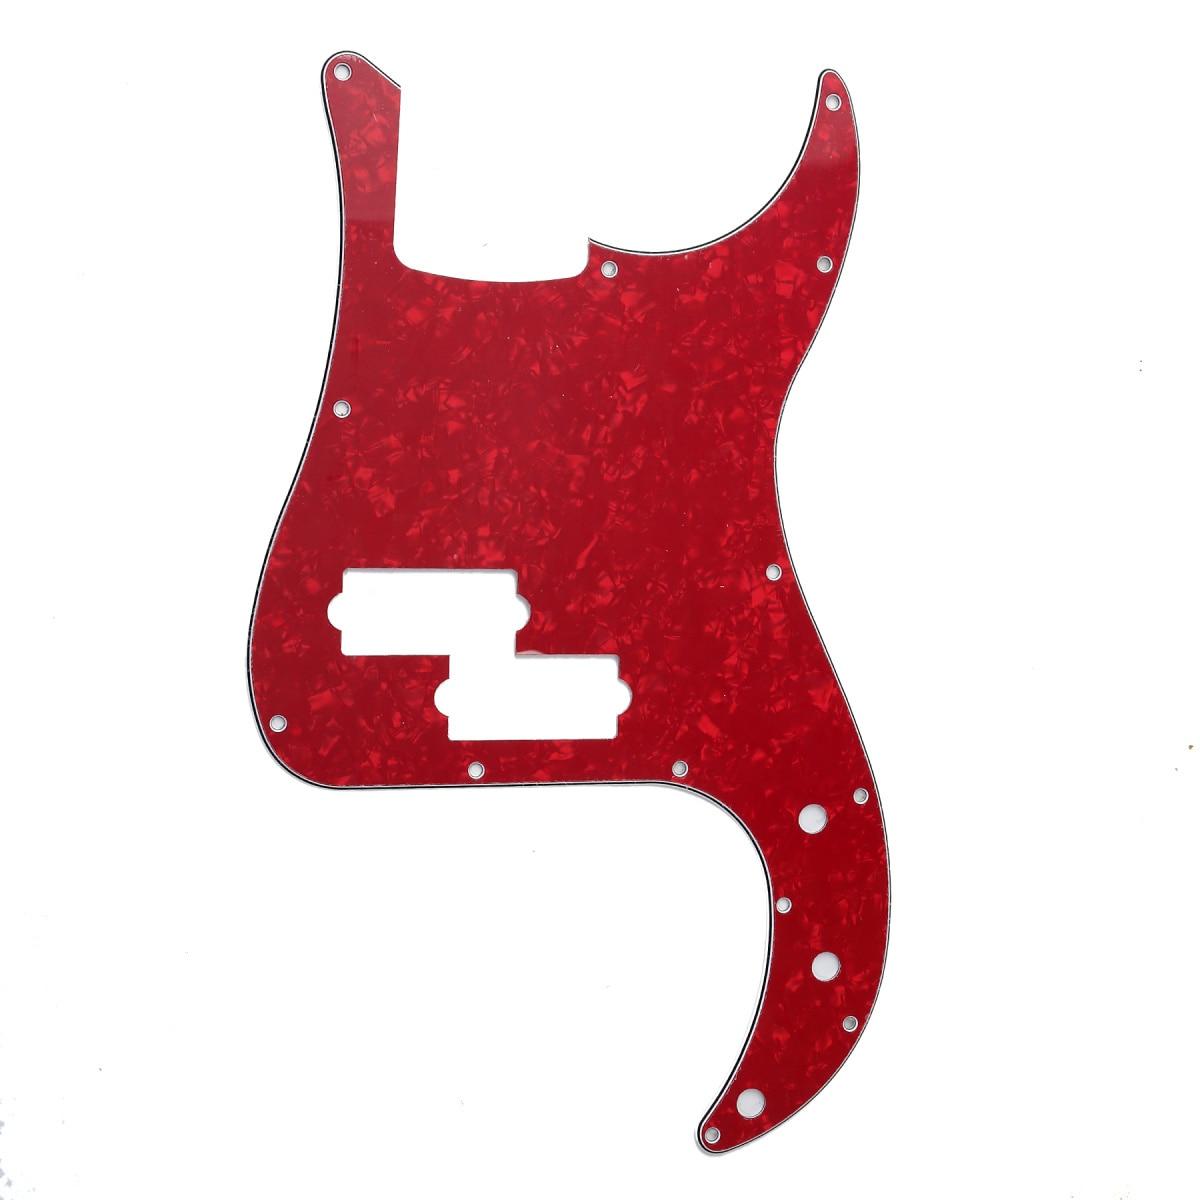 Musiclily 13 Hole P Bass golpeador para guardabarros bajo de precisión Estándar...